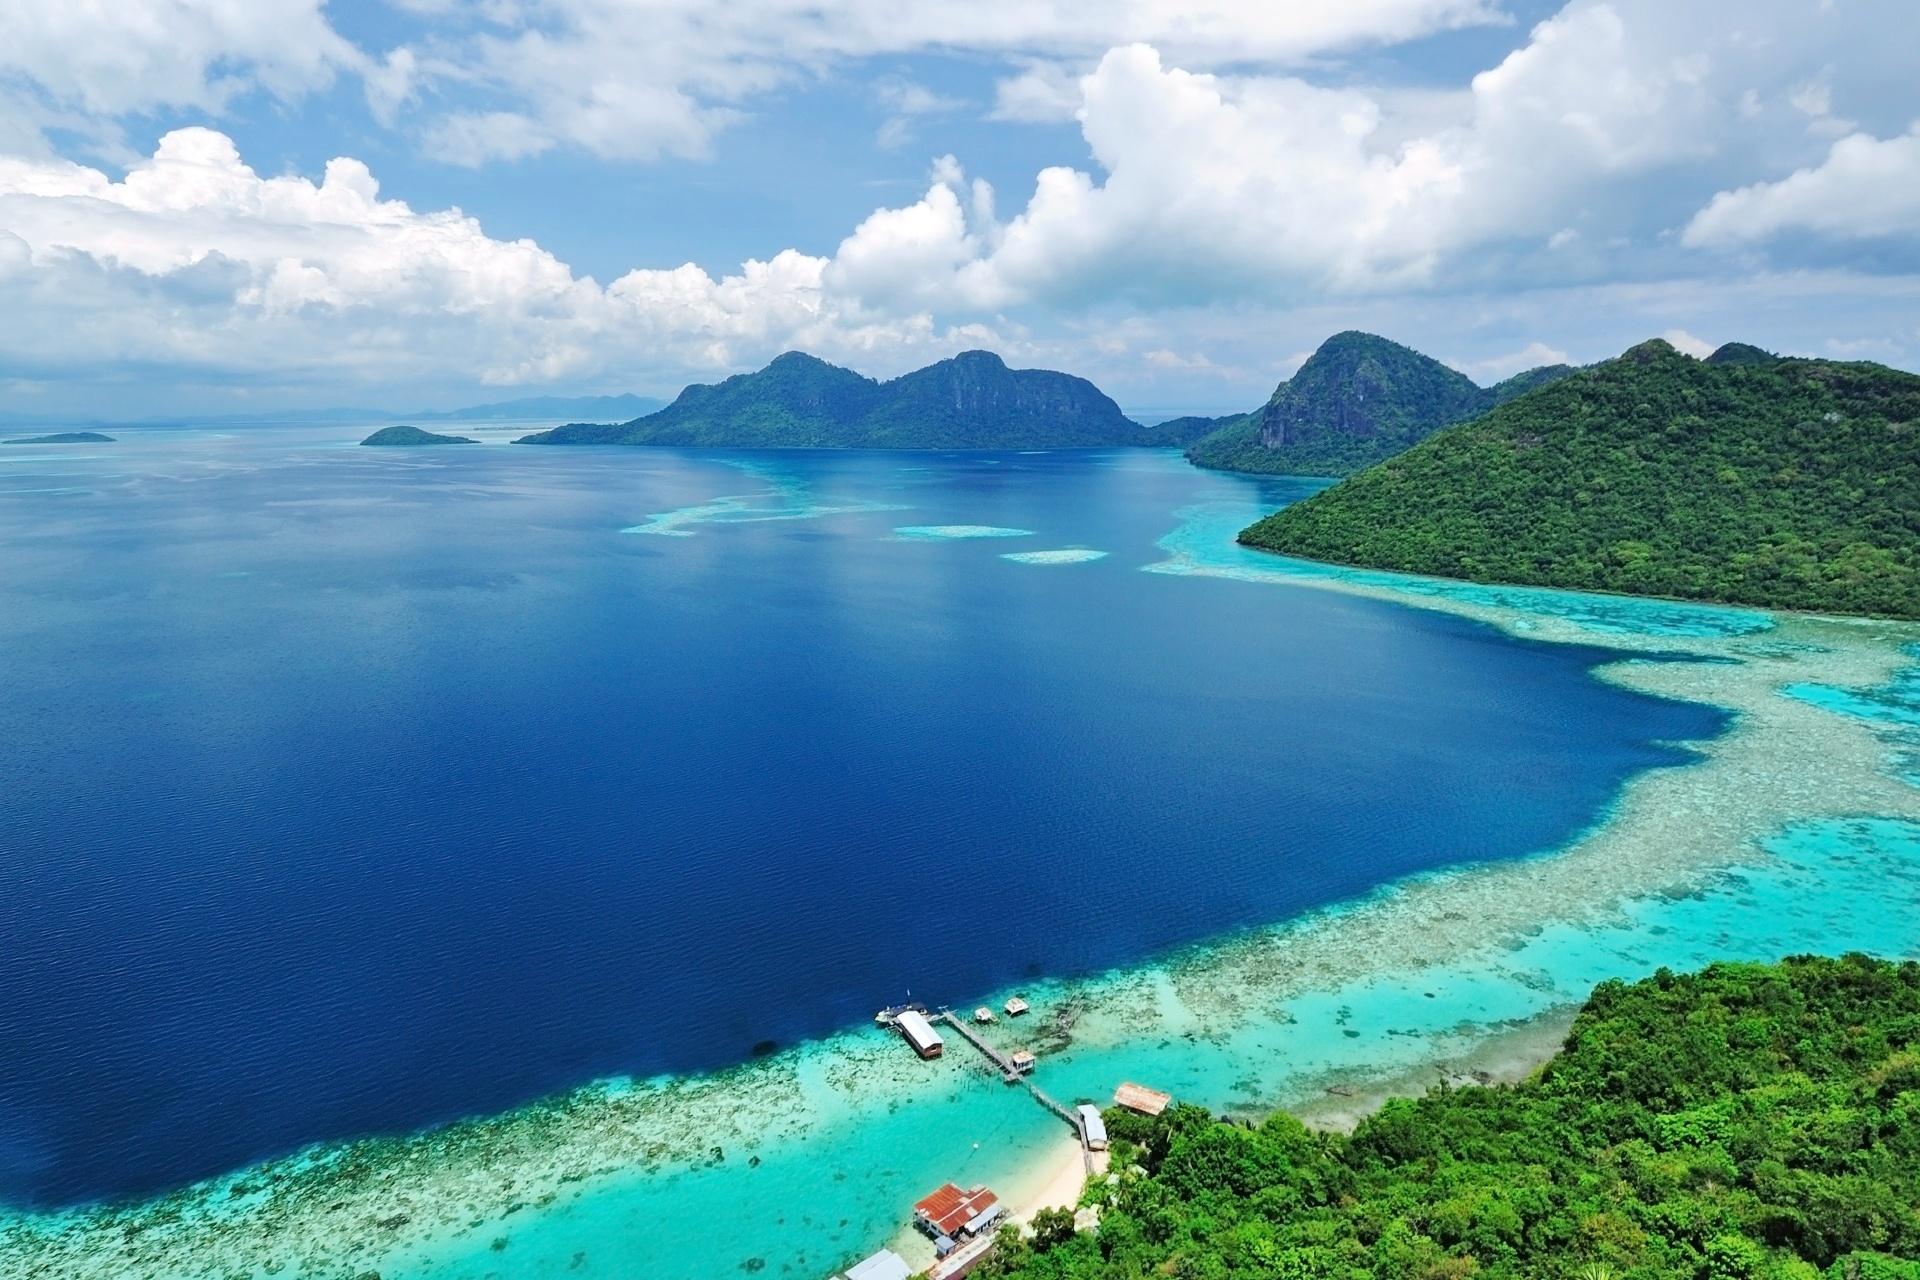 トゥンサカラン海洋公園 マレーシアの風景